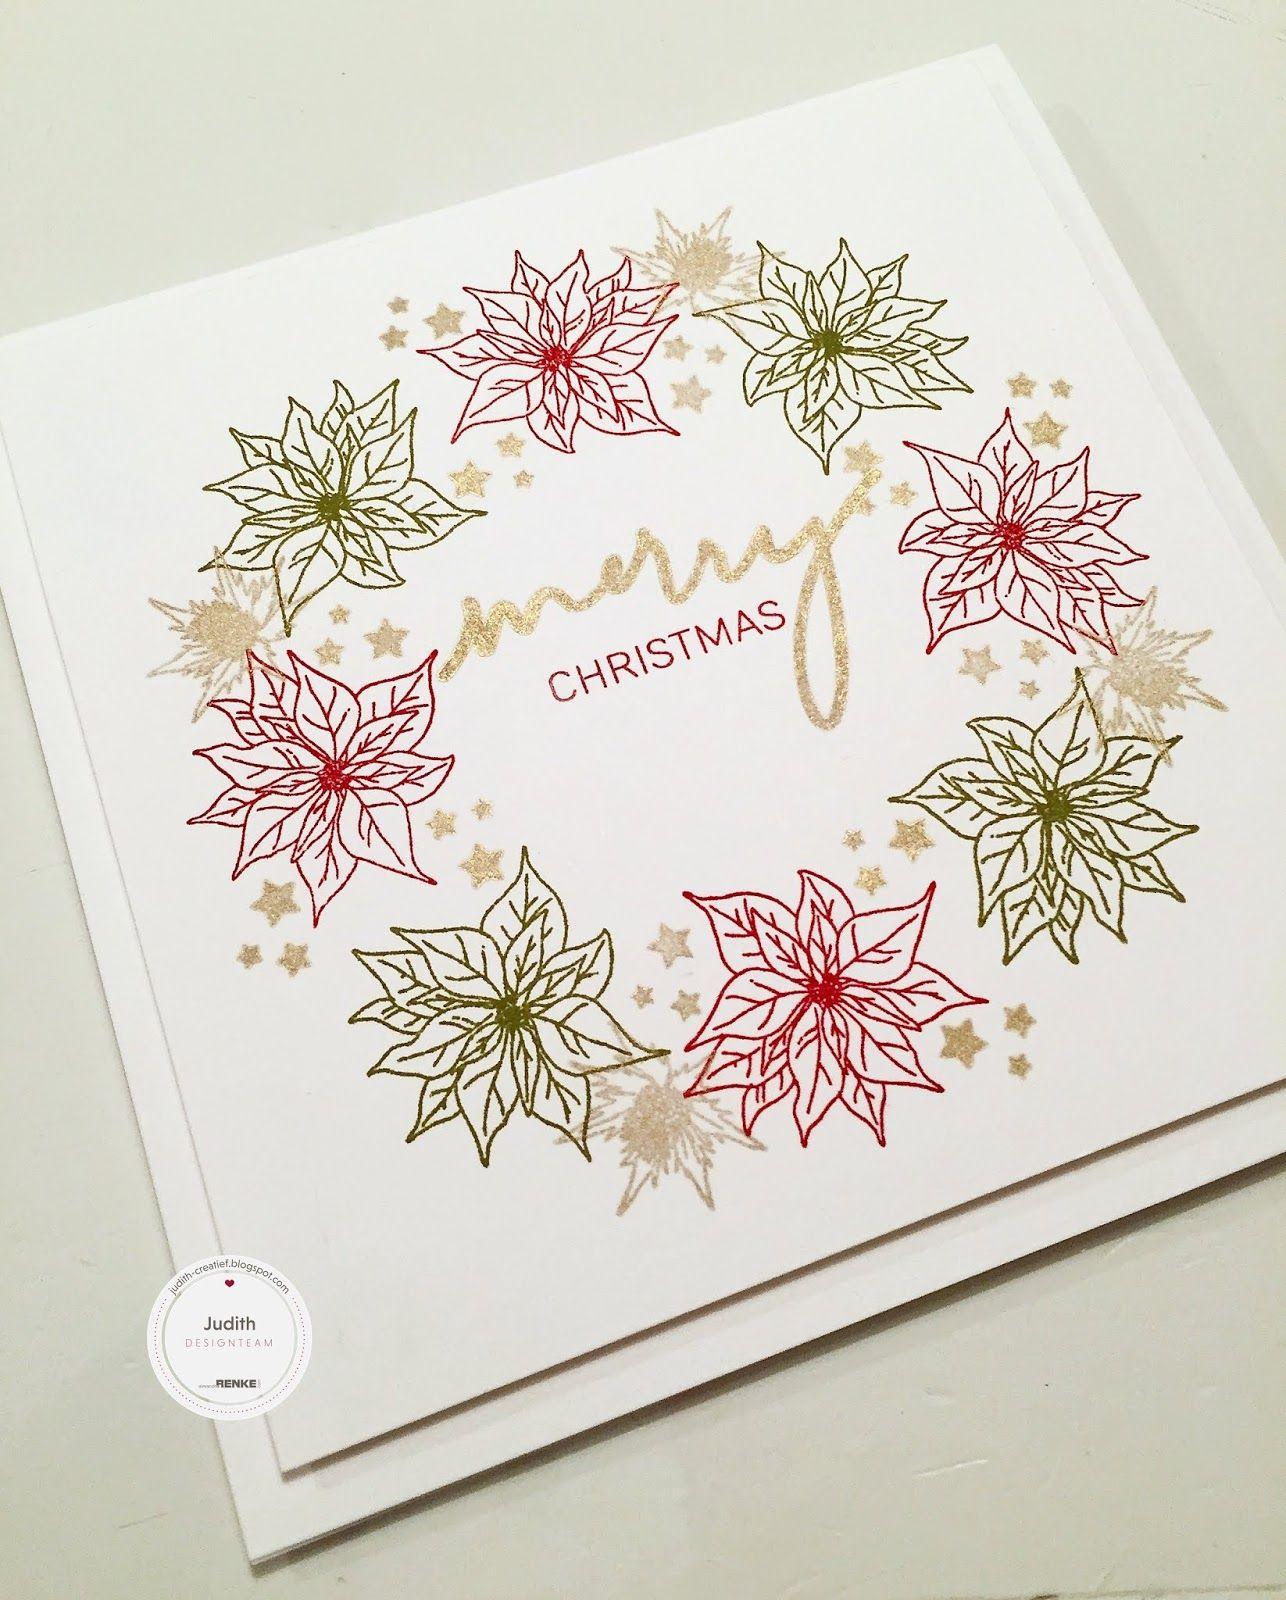 Pin van Richard Meijer op Kaarten | Pinterest - Christmas Cards ...